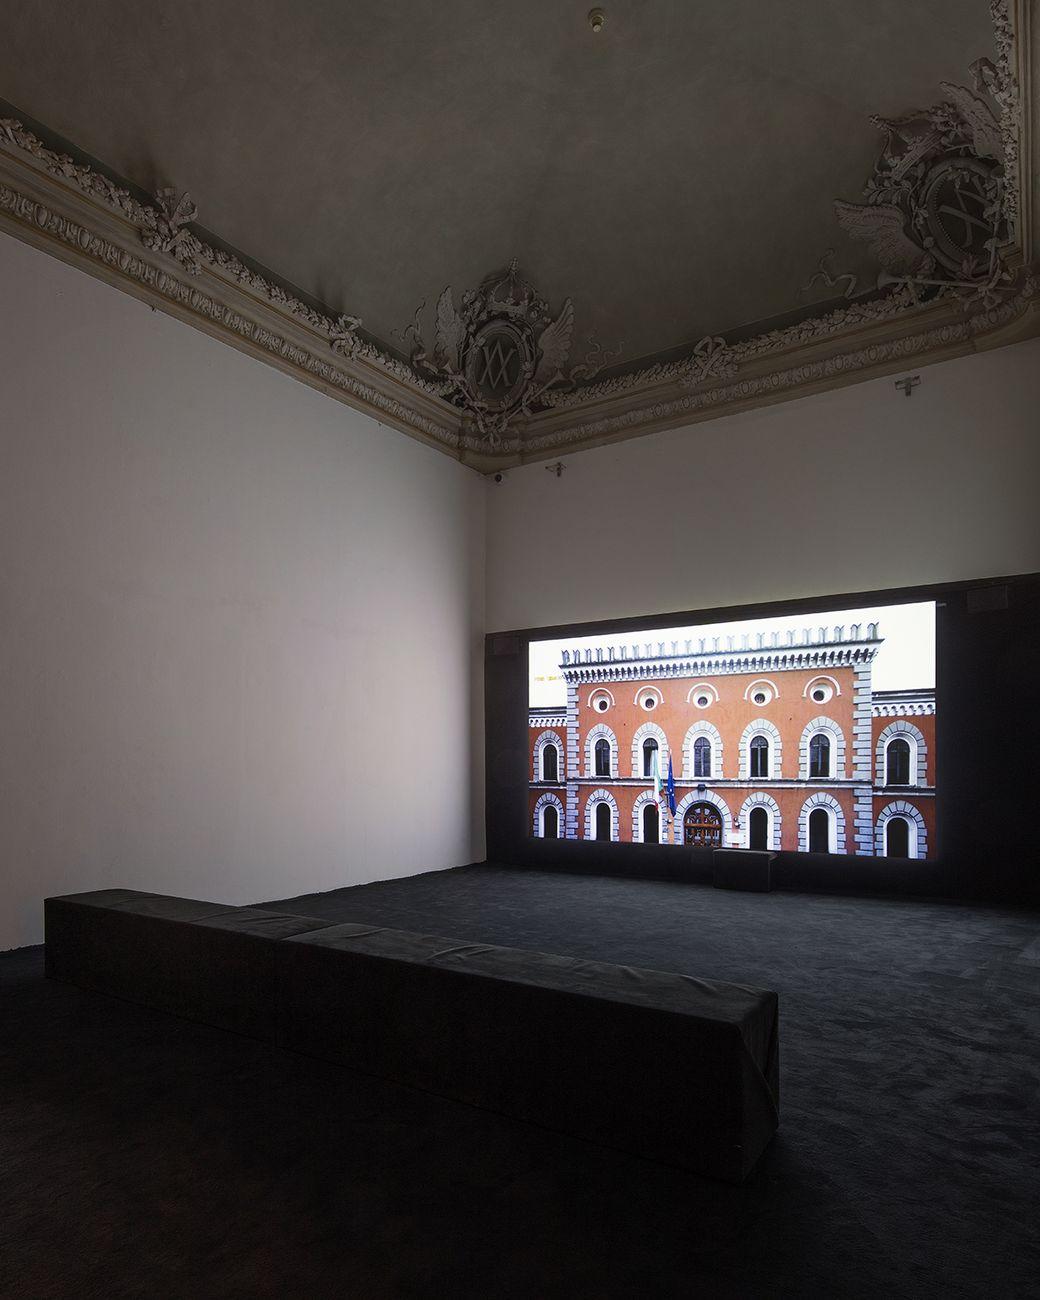 Yuri Ancarani, San Vittore, 2018. Installation view at Castello di Rivoli Museo d'Arte Contemporanea. Photo Antonio Maniscalco. Courtesy Castello di Rivoli Museo d'Arte Contemporanea, Rivoli-Torino